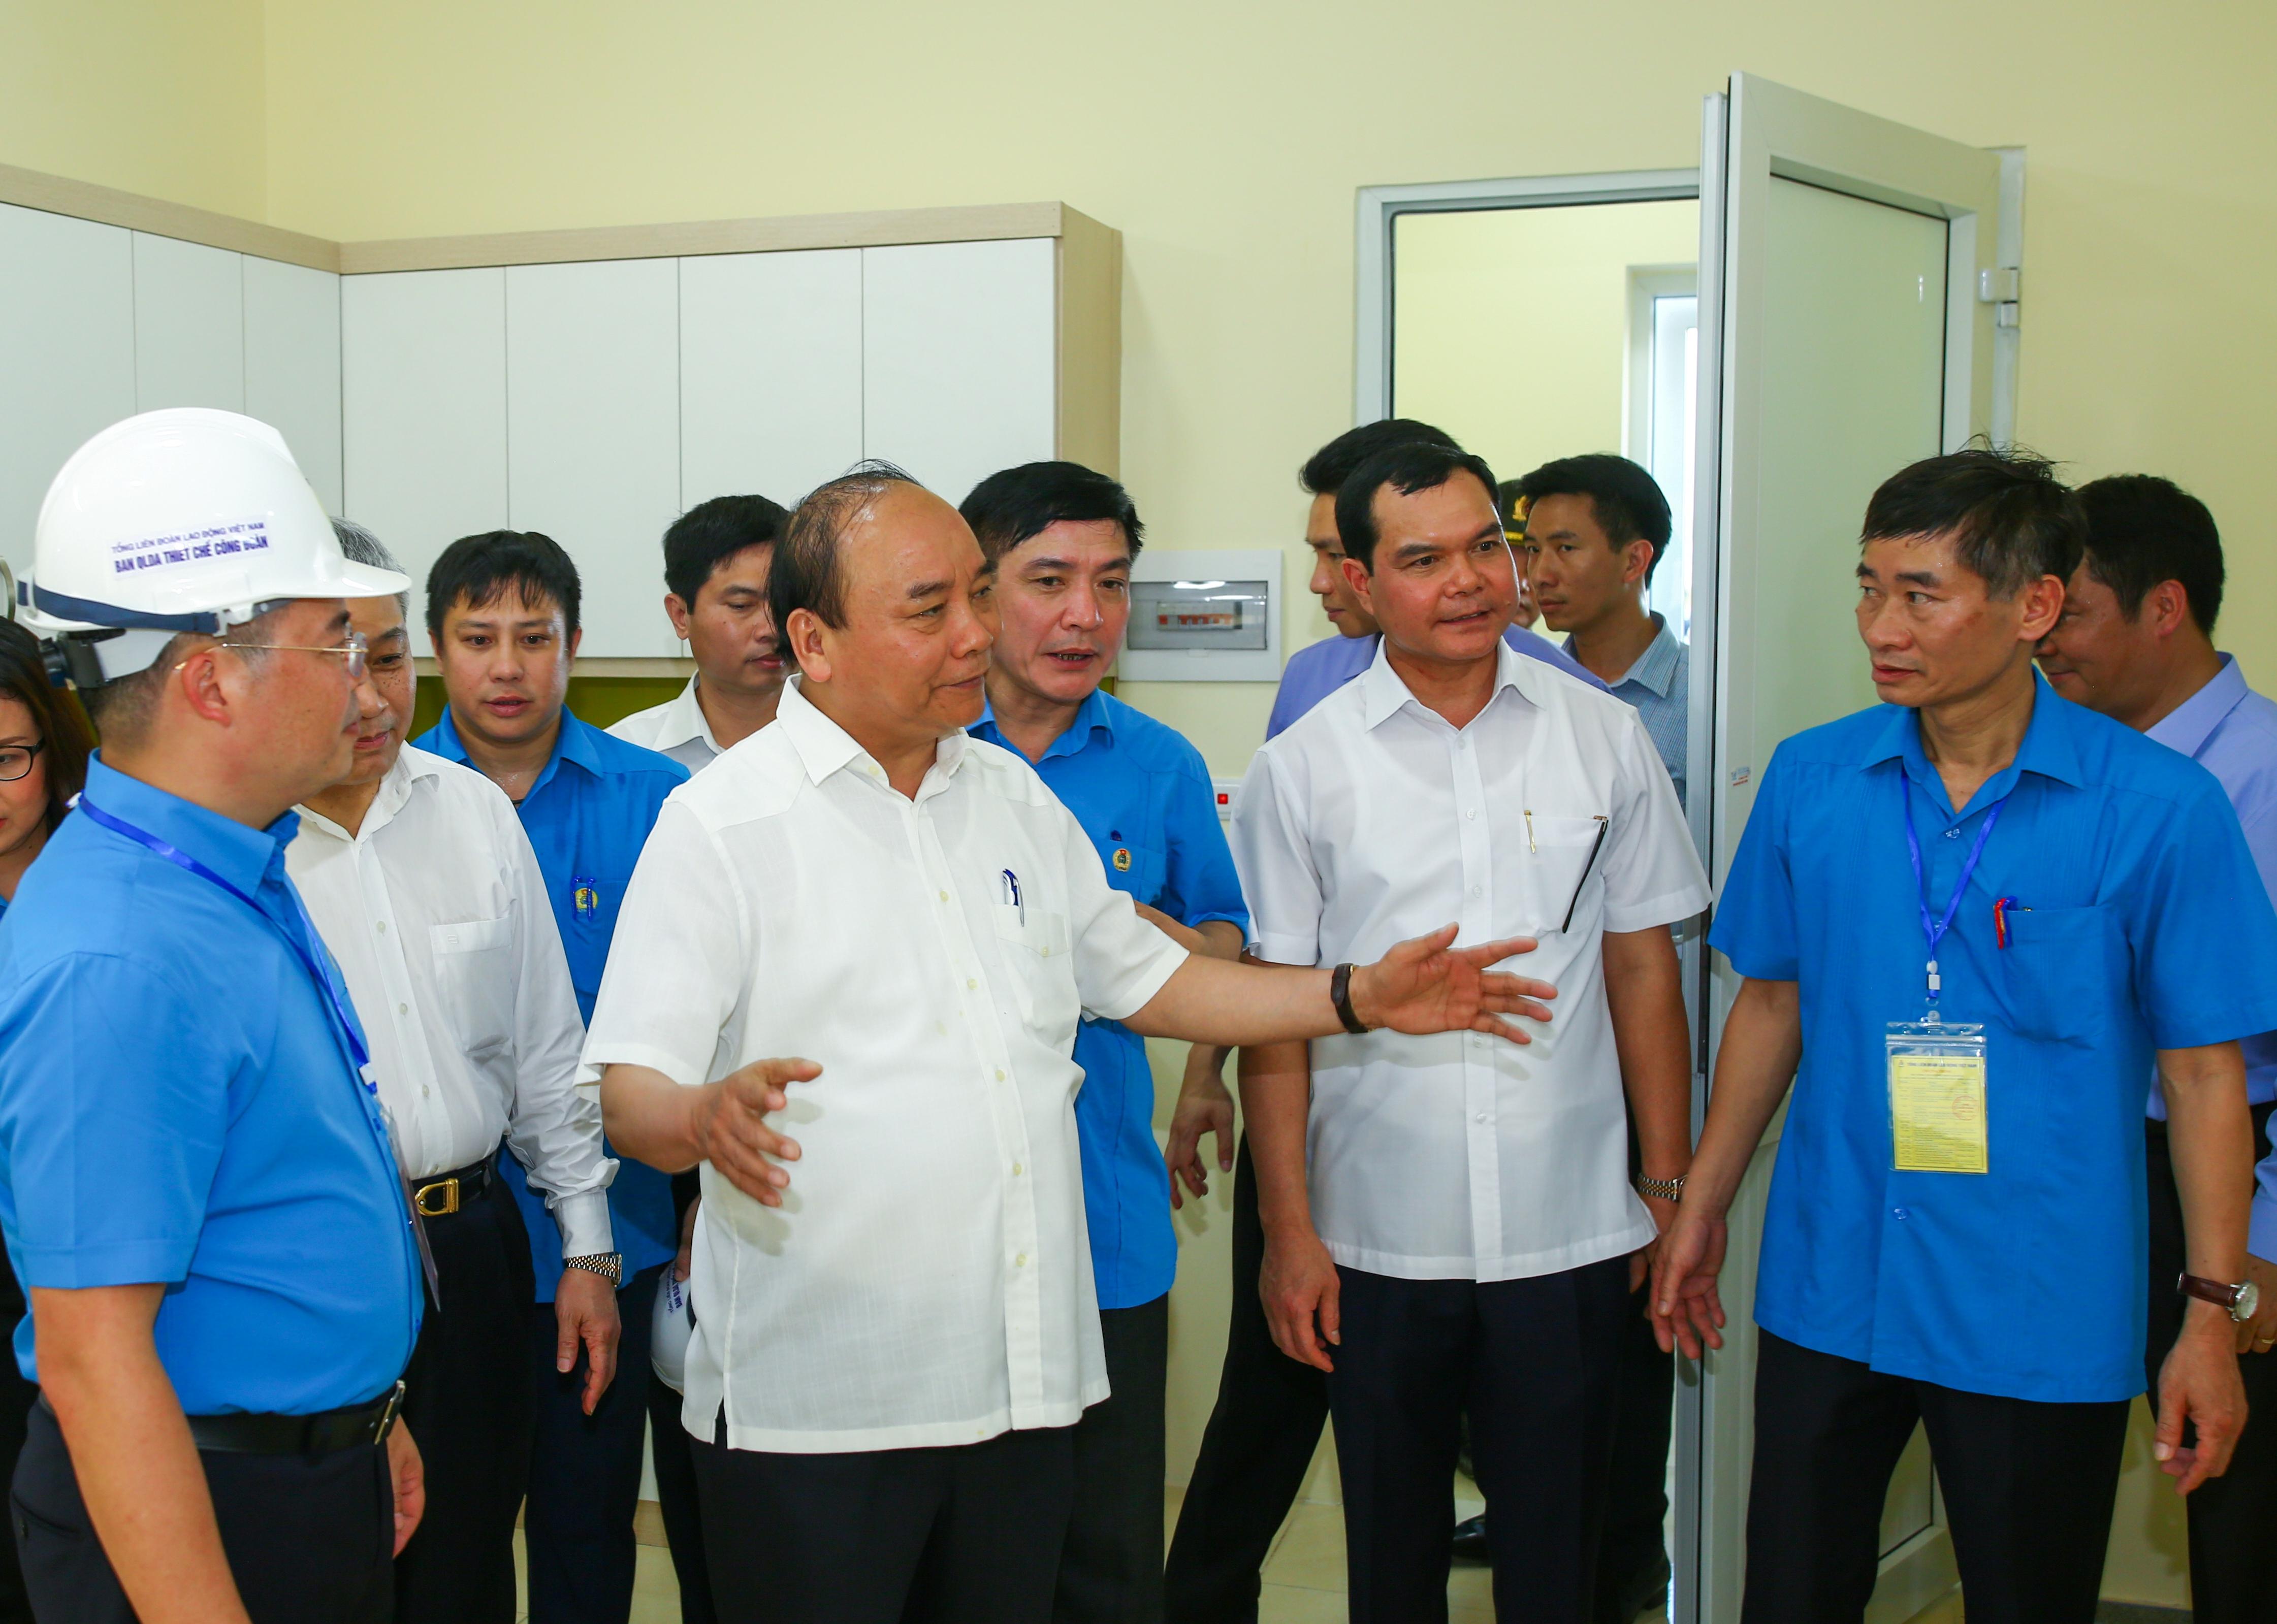 Thủ tướng Chính phủ thăm công nhân và thiết chế công đoàn tại KCN Đồng Văn II tỉnh Hà Nam